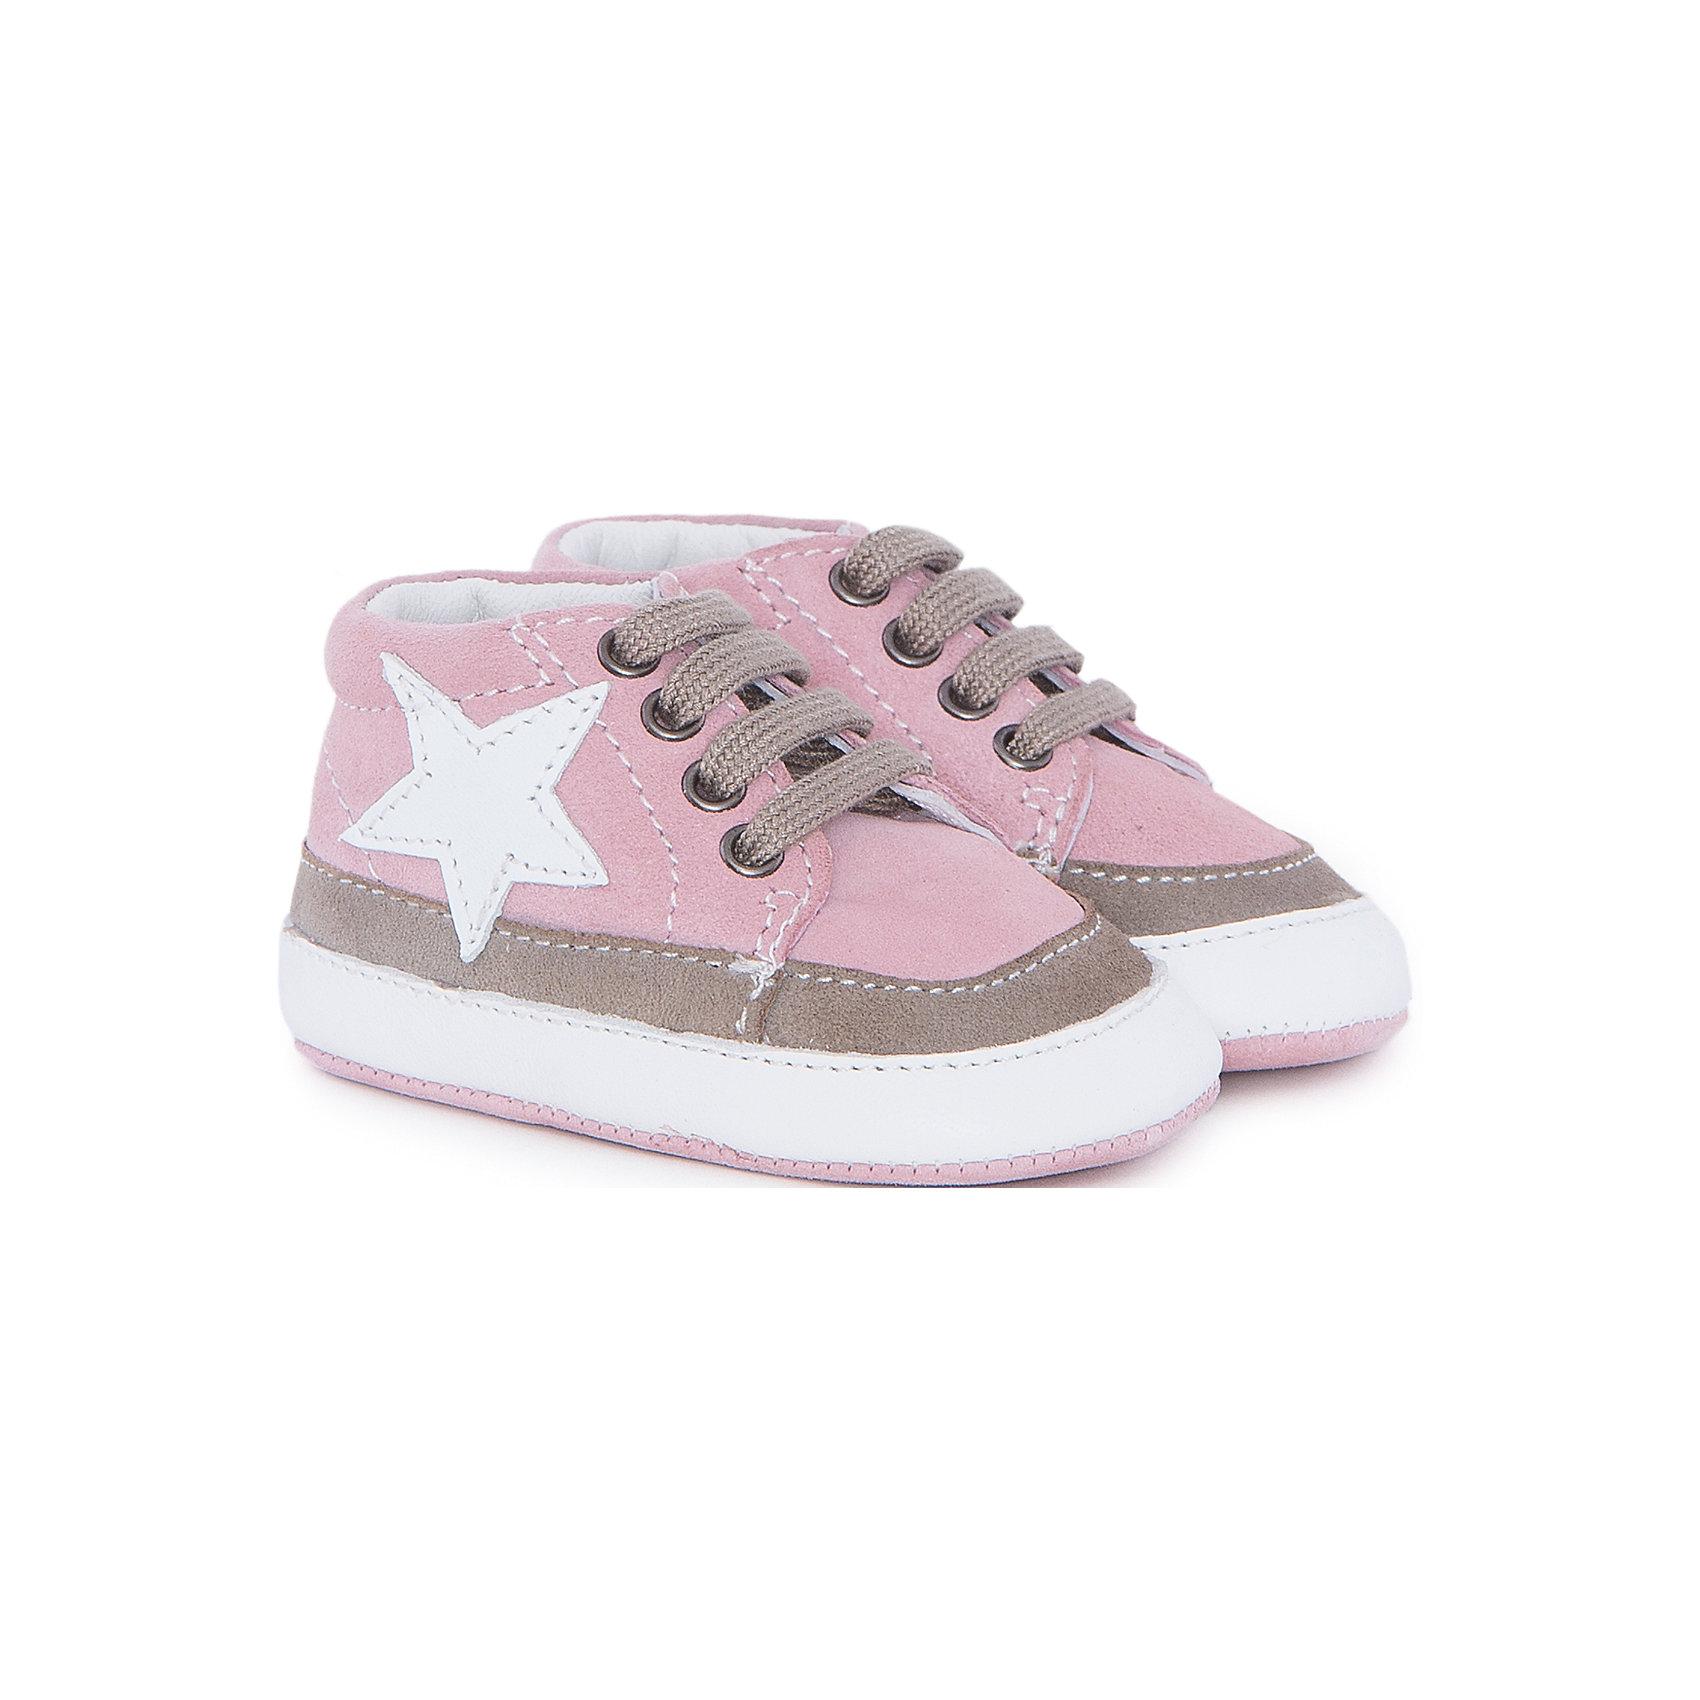 Пинетки  для мальчика  CHICCOПинетки<br>Полуботинки для девочки CHICCO<br><br>Характеристики:<br><br>Тип застежки: шнурки<br>Тип обуви: спортивные<br>Особенности обуви: кожаные<br>Декоративные элементы: звезда<br>Цвет: розовый<br><br>Материал: 100% кожа<br><br>Полуботинки для девочки CHICCO можно купить в нашем интернет-магазине.<br><br>Ширина мм: 262<br>Глубина мм: 176<br>Высота мм: 97<br>Вес г: 427<br>Цвет: розовый<br>Возраст от месяцев: 3<br>Возраст до месяцев: 6<br>Пол: Женский<br>Возраст: Детский<br>Размер: 19,18<br>SKU: 5082840